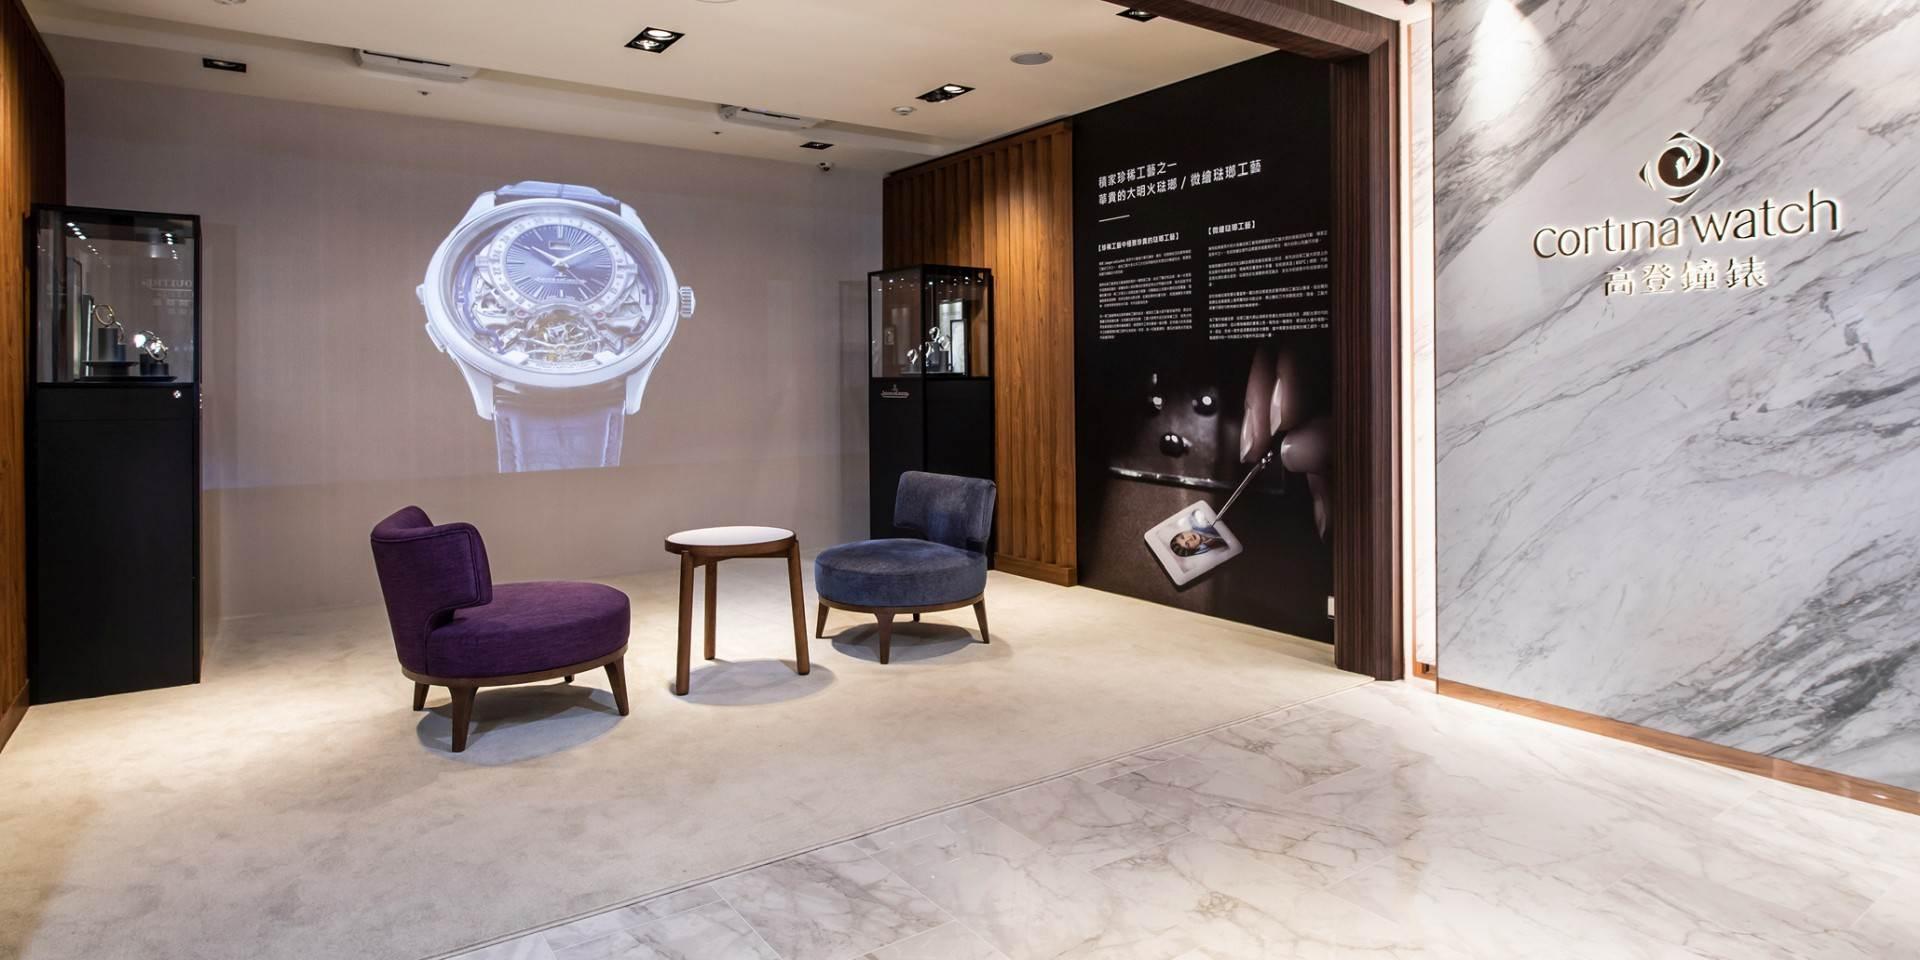 《積家琺瑯工藝腕錶展》3月15日止於高登鐘錶台北老爺形象店展出